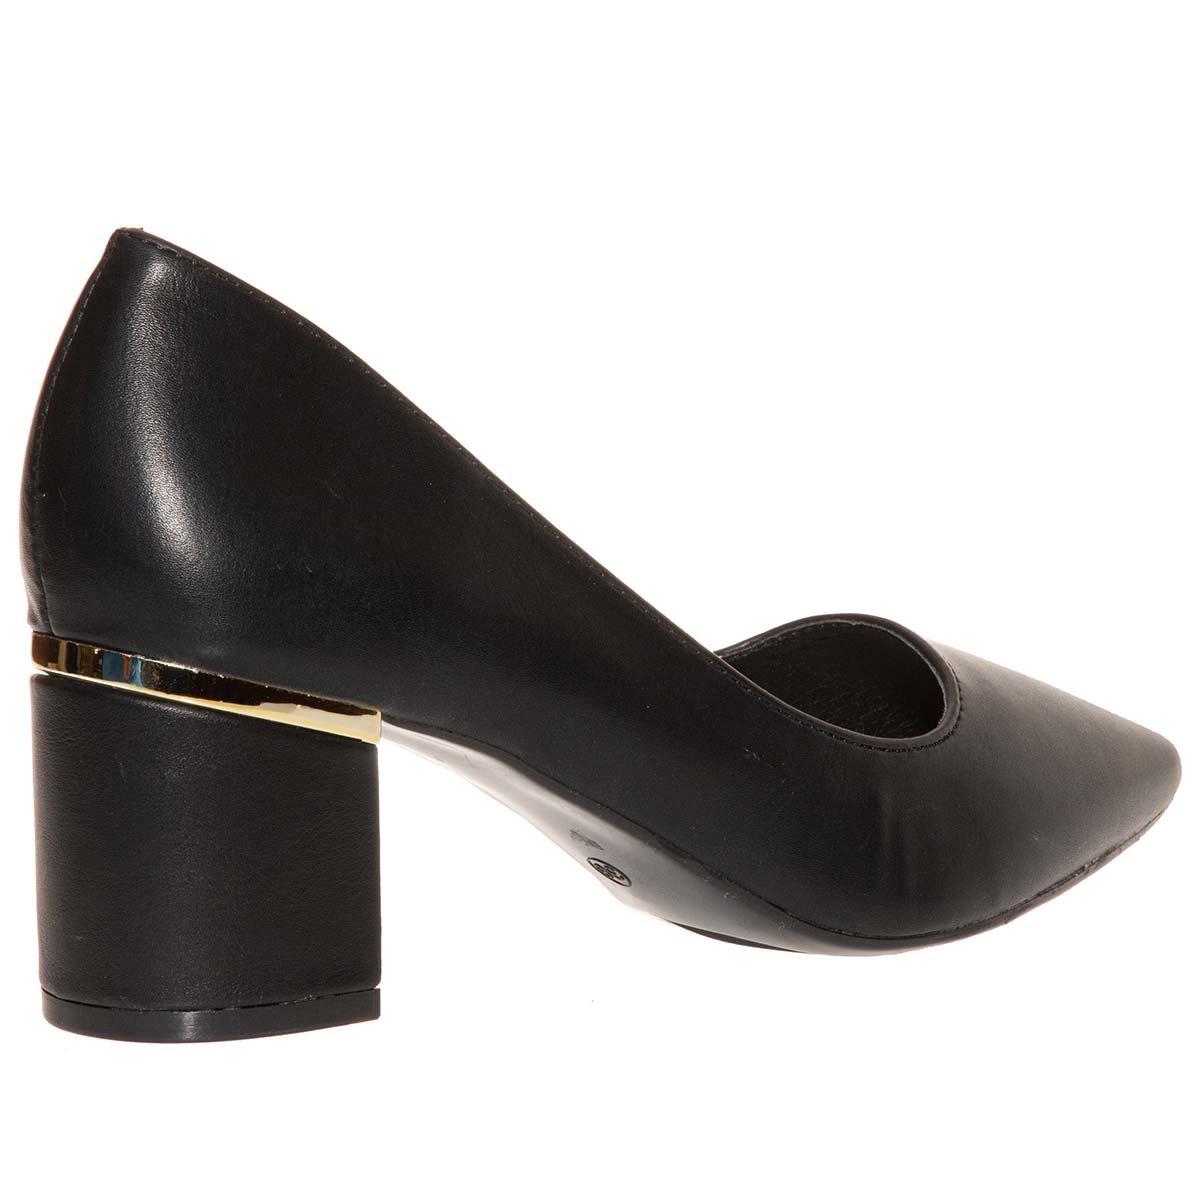 Venini by Envie pumps S31-12127 Black